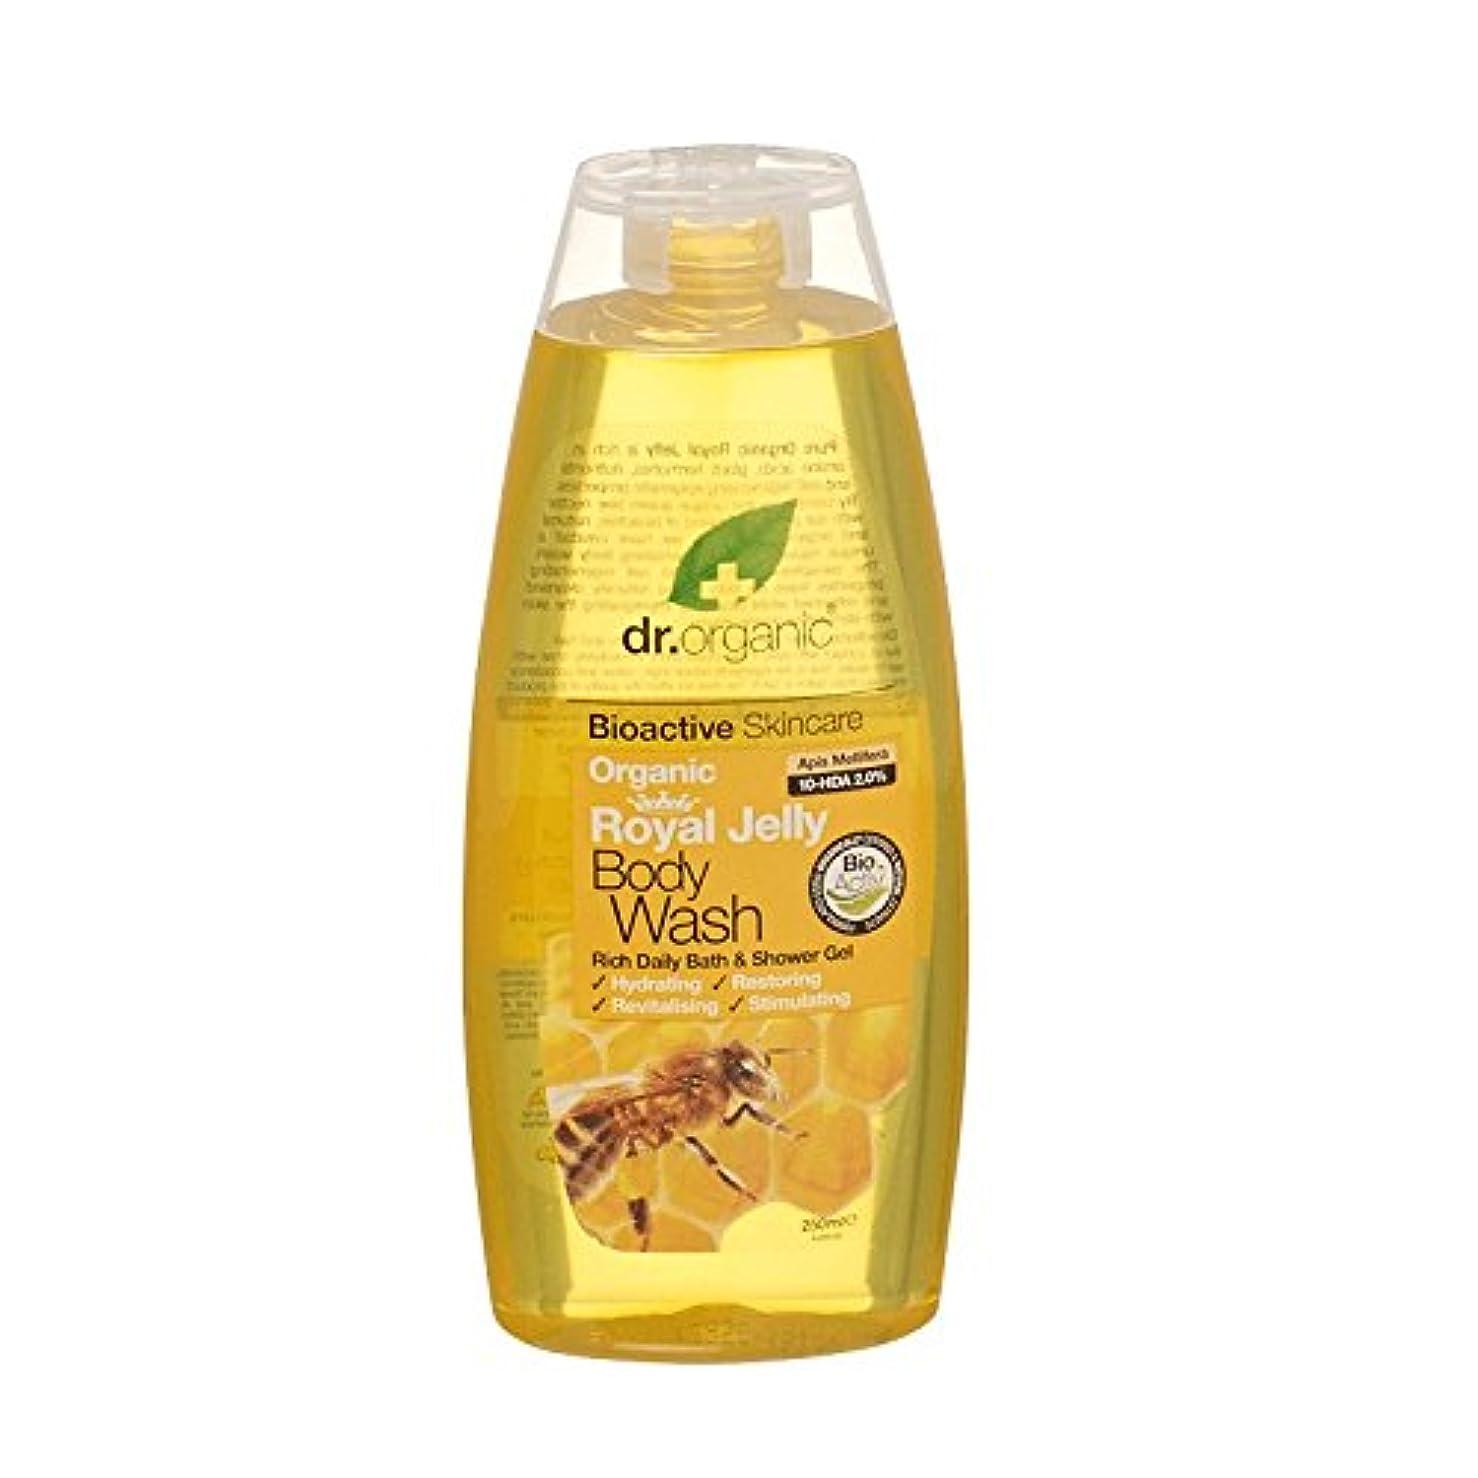 ラジエータージョグマルクス主義Dr有機ローヤルゼリーボディウォッシュ - Dr Organic Royal Jelly Body Wash (Dr Organic) [並行輸入品]